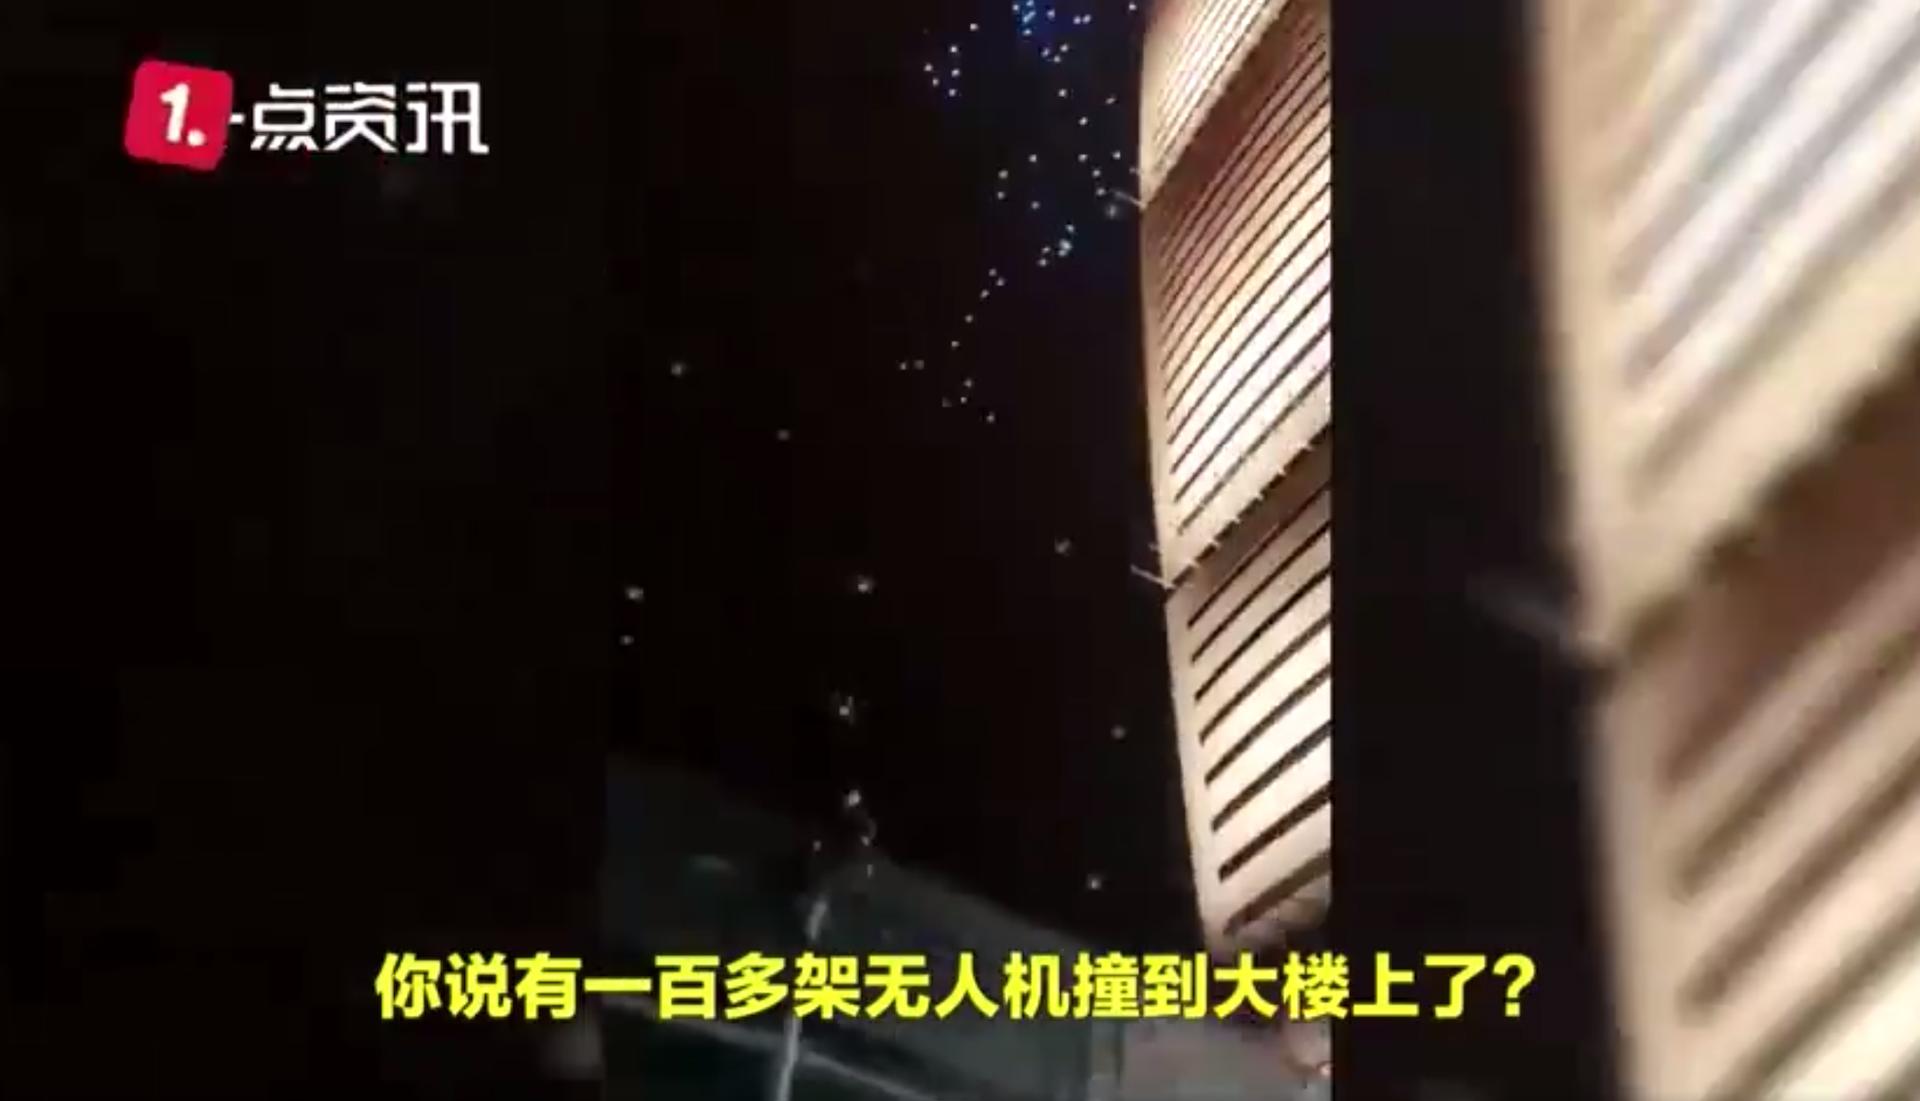 重慶無人機燈光秀表演「出包」 上百架空拍機撞樓墜機